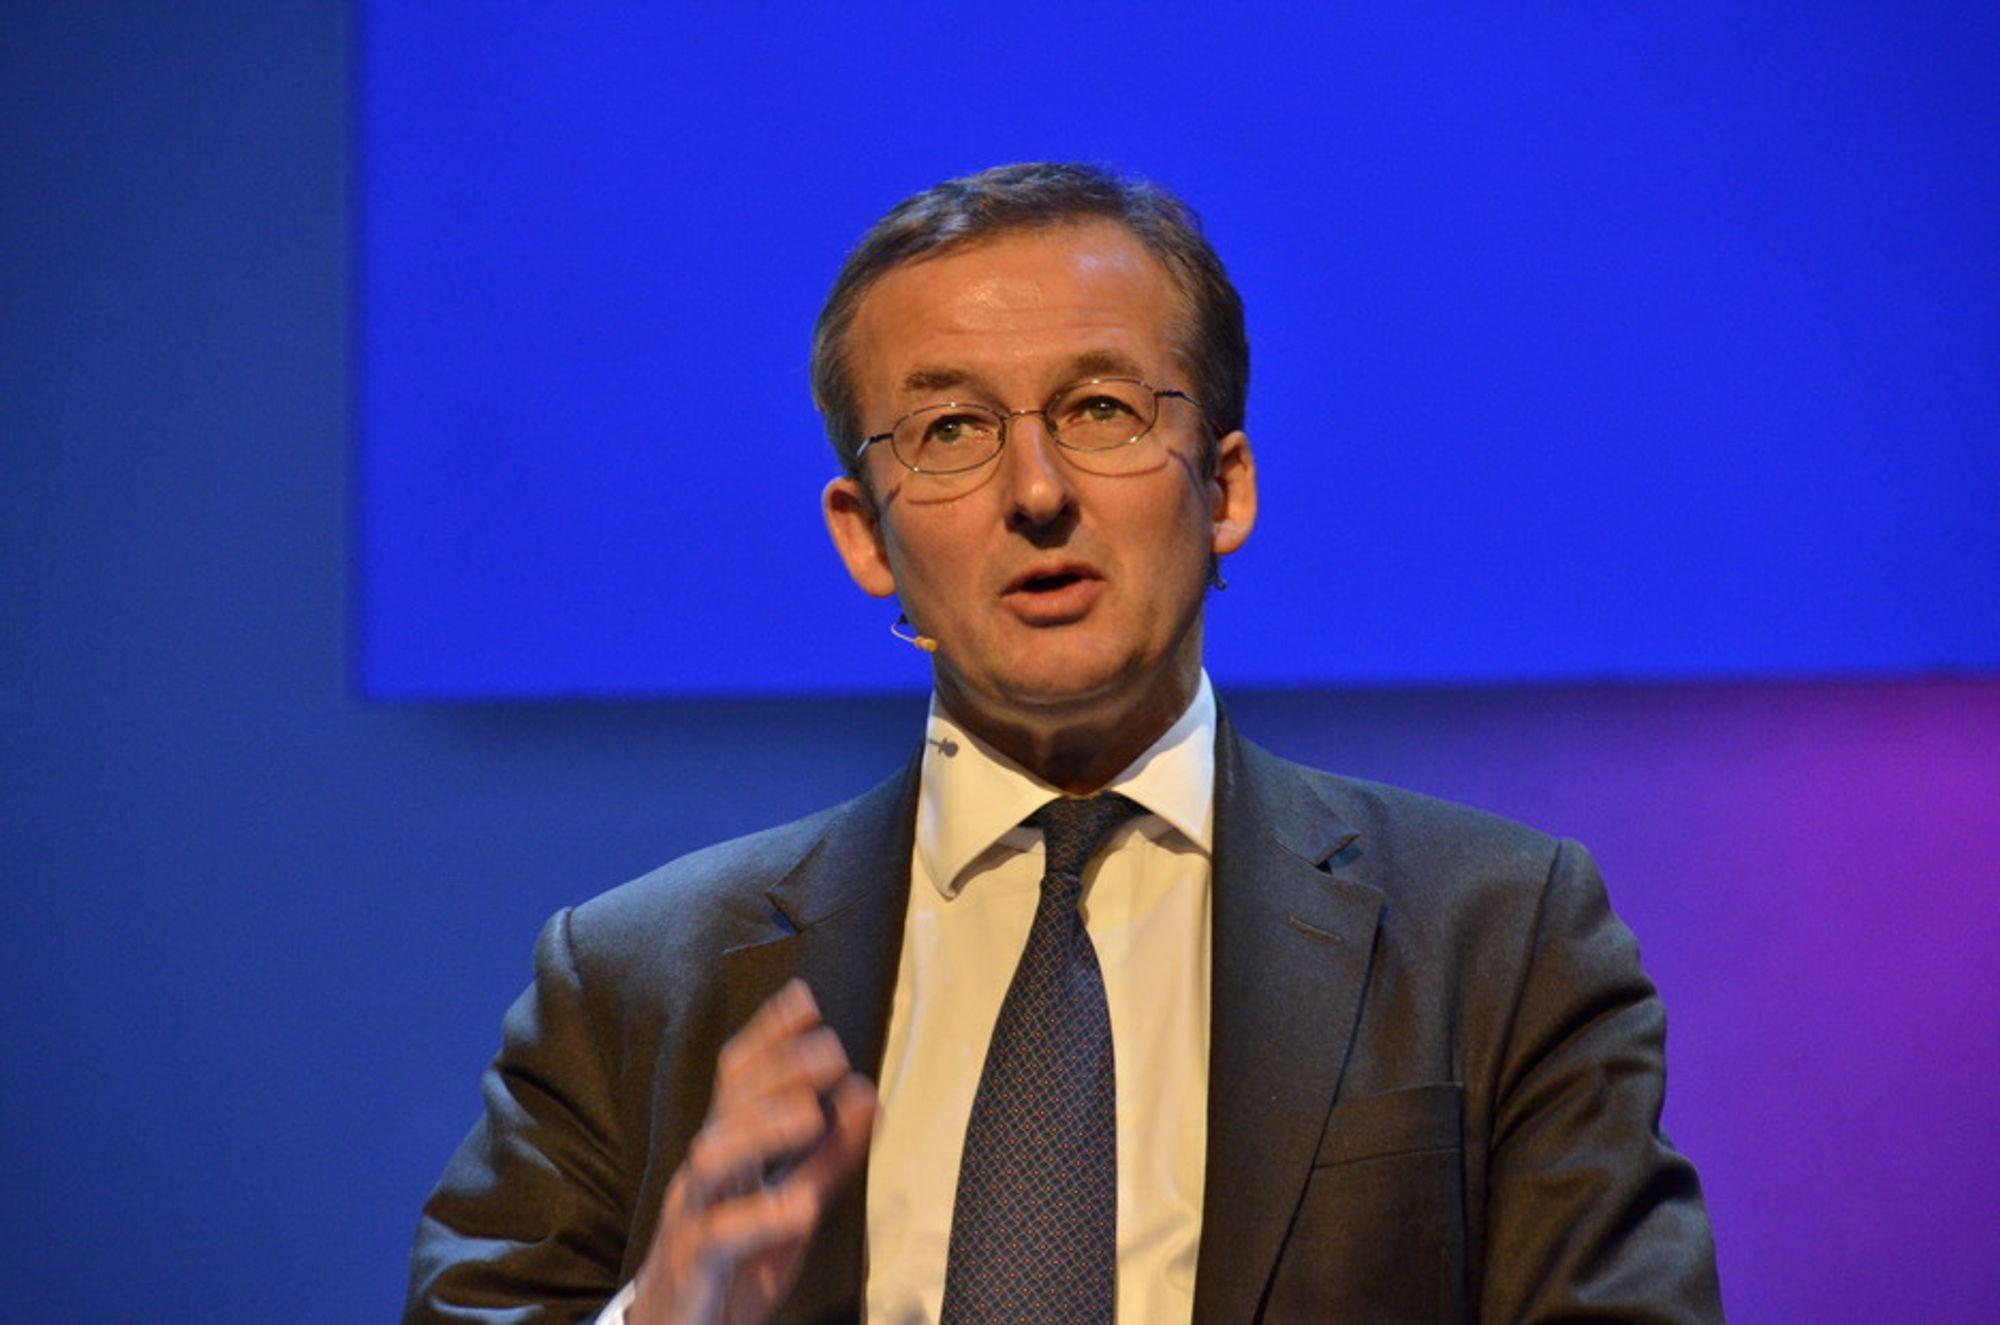 KREVER HANDLING: Dr. Dieter Helm sitter sentralt i klimaarbeidet i EU og er professor i energipolitikk. Han mener en global skatt på CO2 er det eneste tiltaket som kan bidra til å endre mønsteret med økte CO2-utslipp.